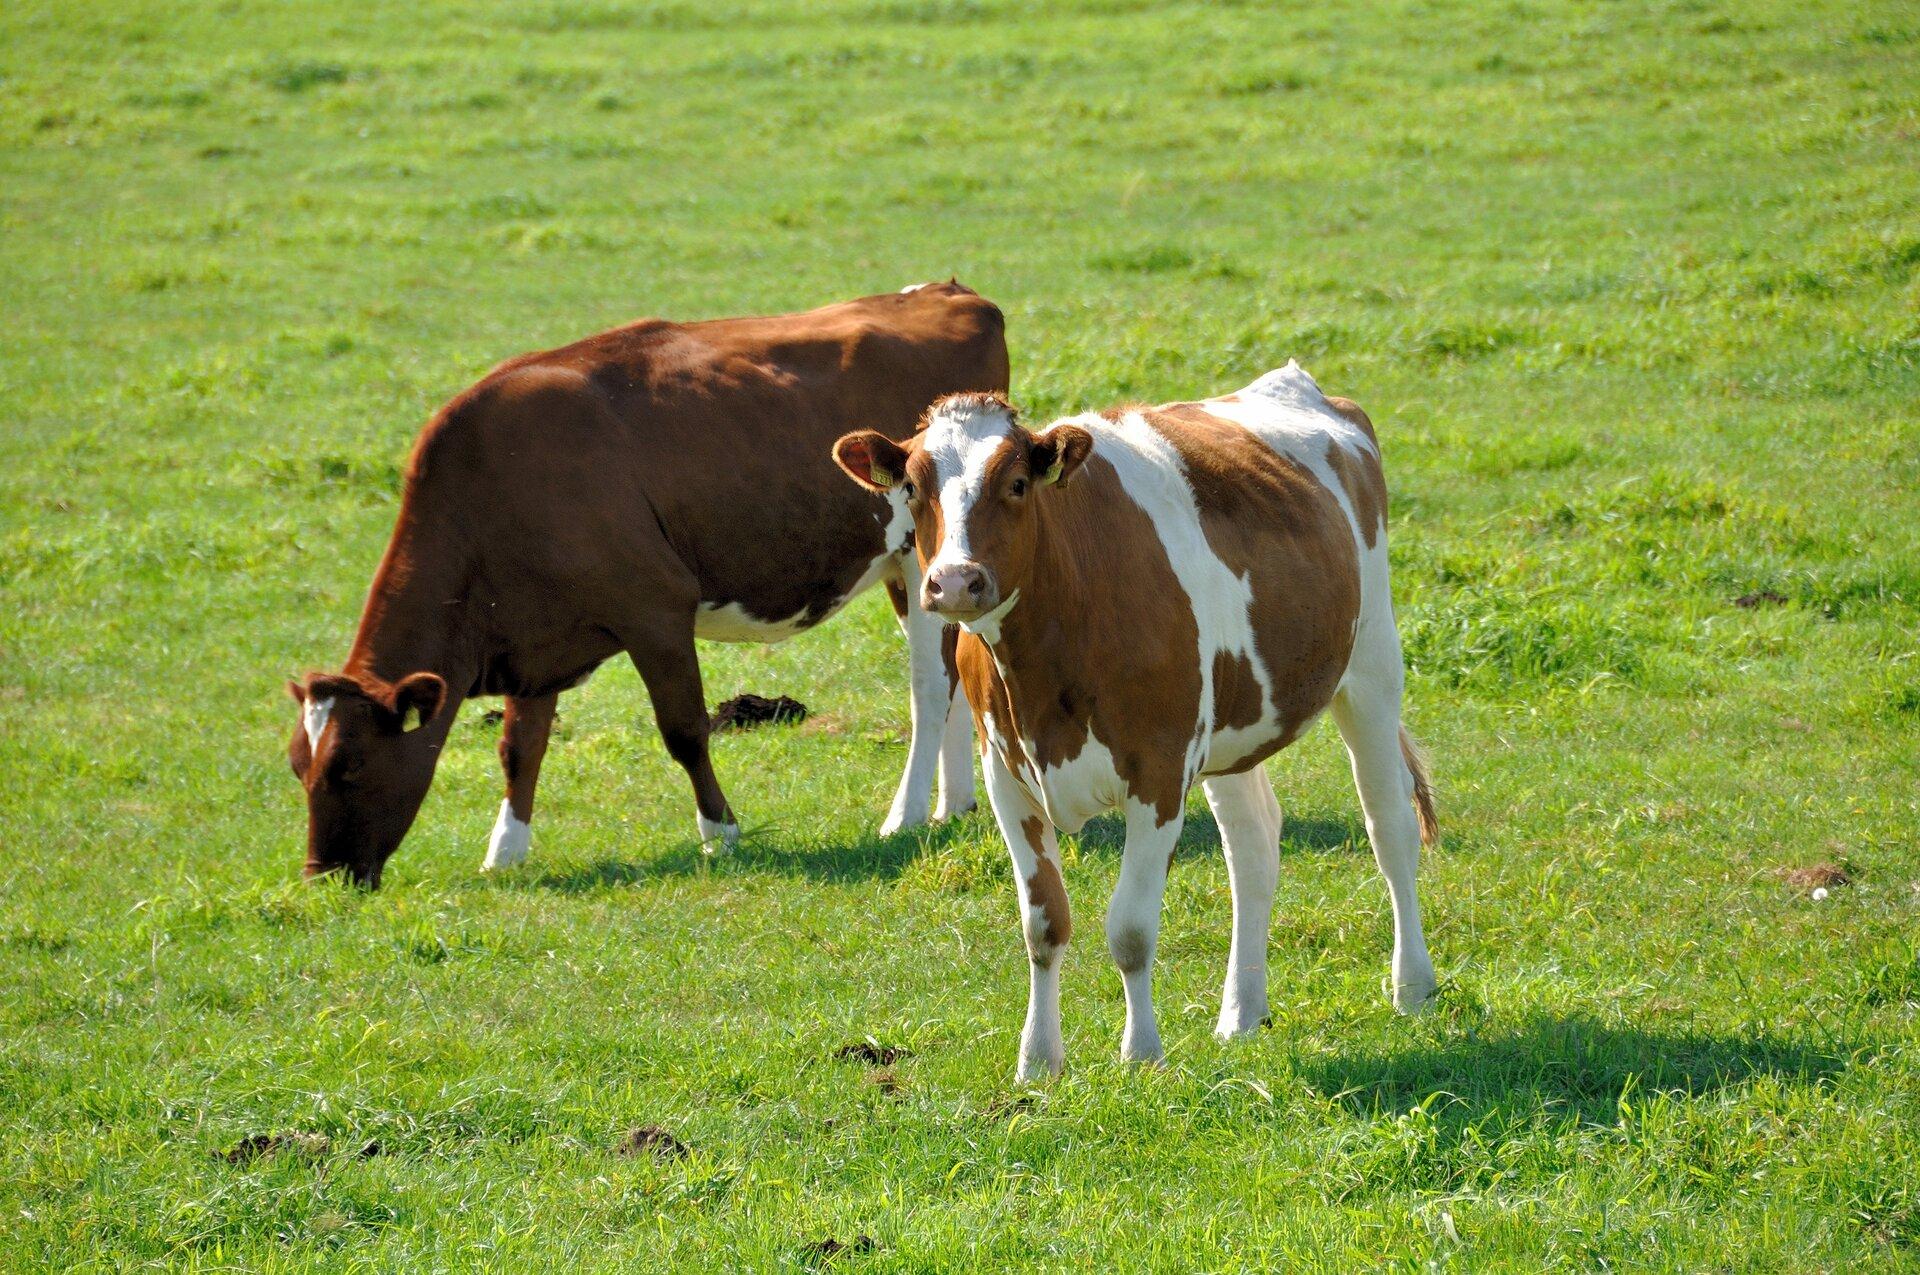 Fotografia przedstawia pięć biało-czarnych krów na pastwisku.